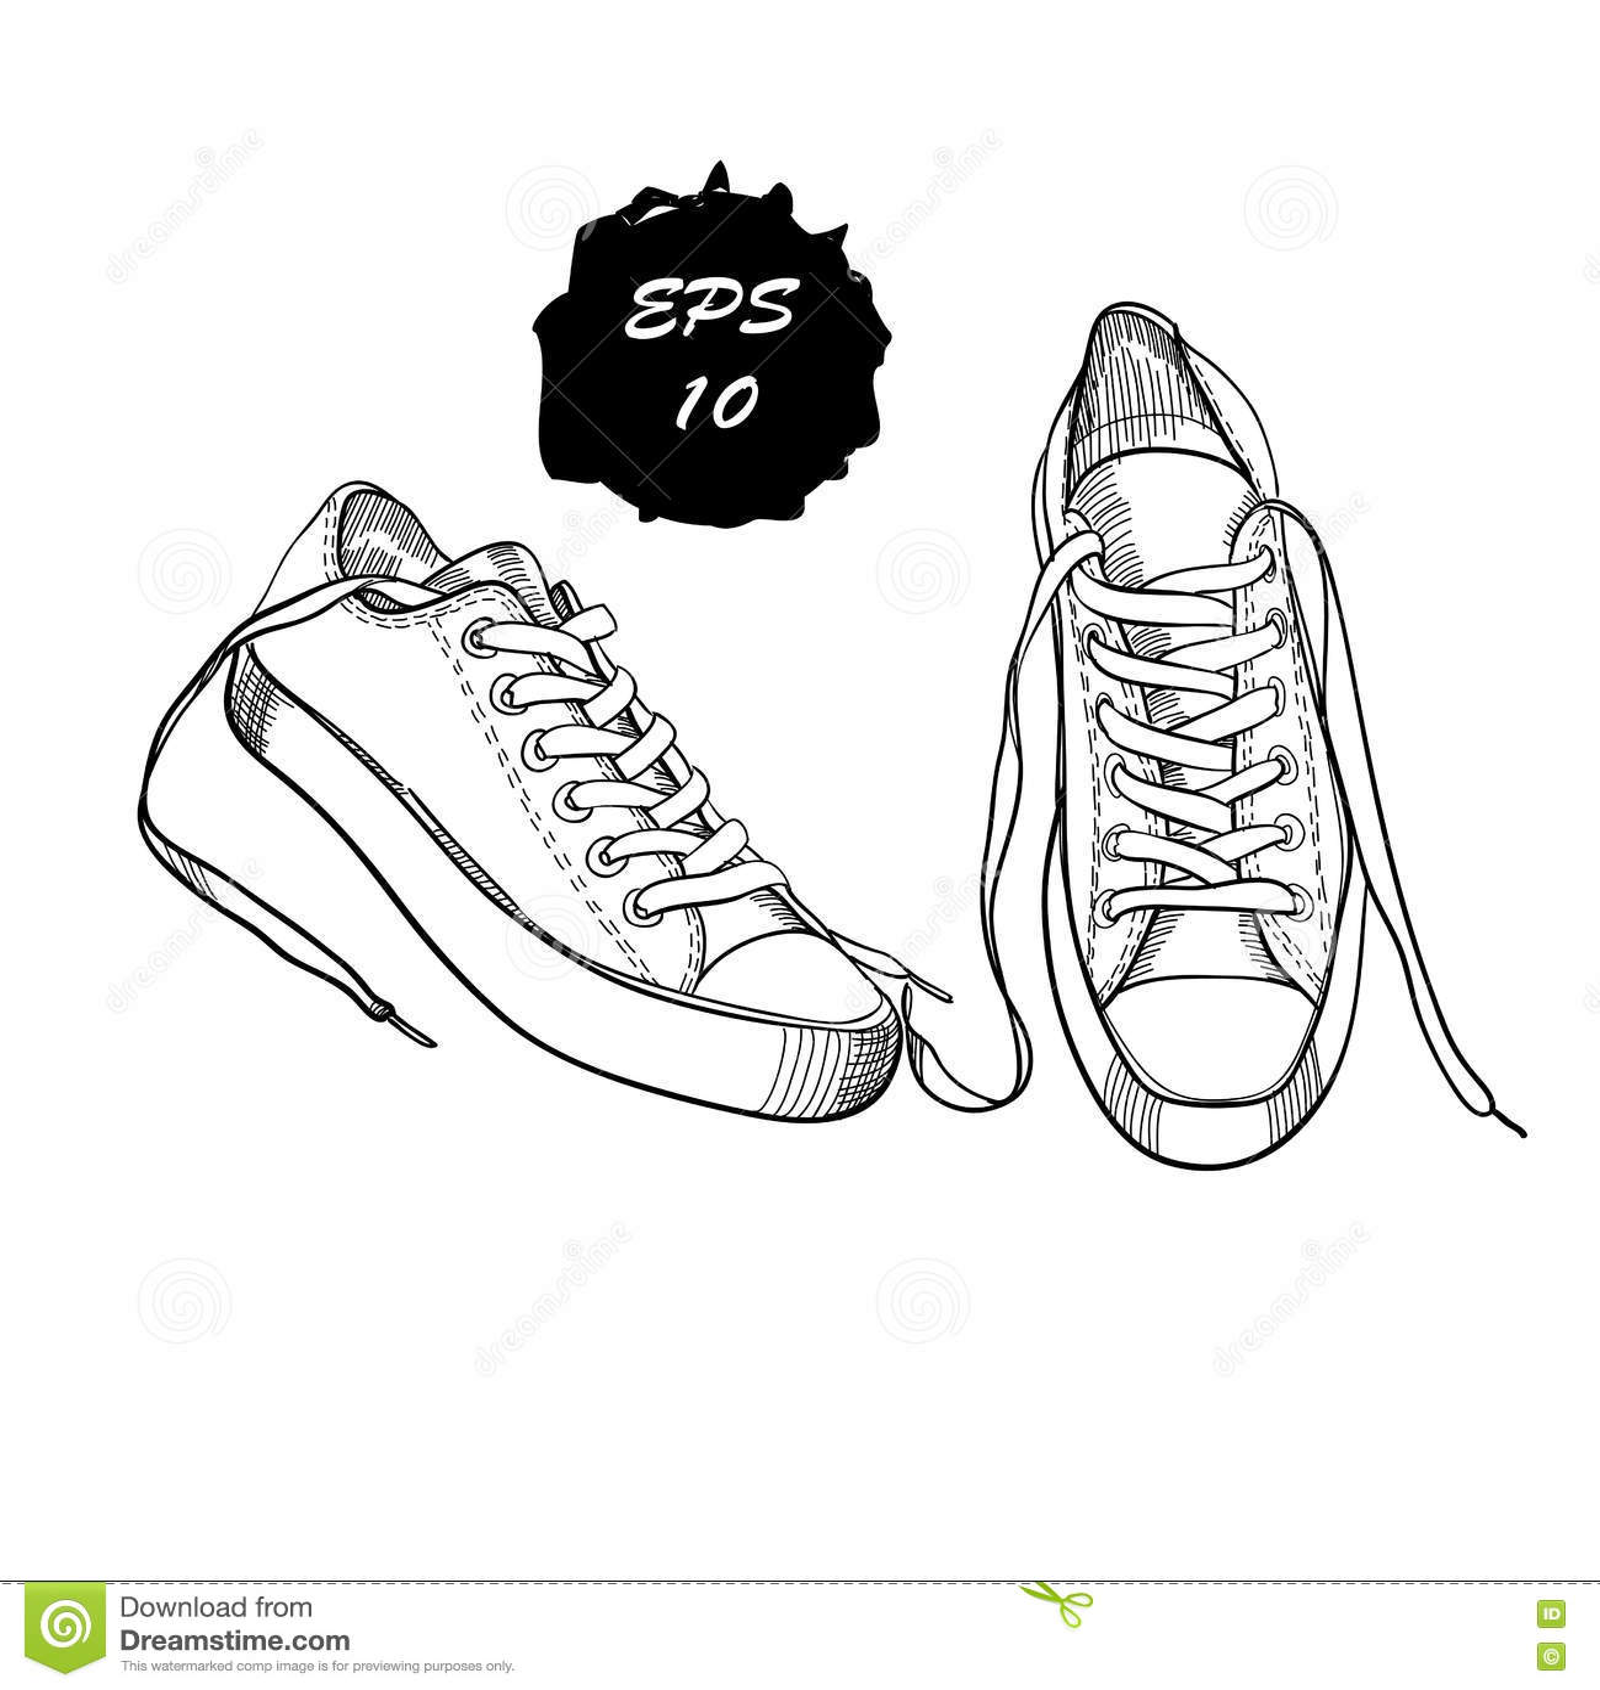 Illustrazione Scarpe Wonpk0 Di Delle Grafiche Disegnate Mano A Sport Ibf7yYv6g